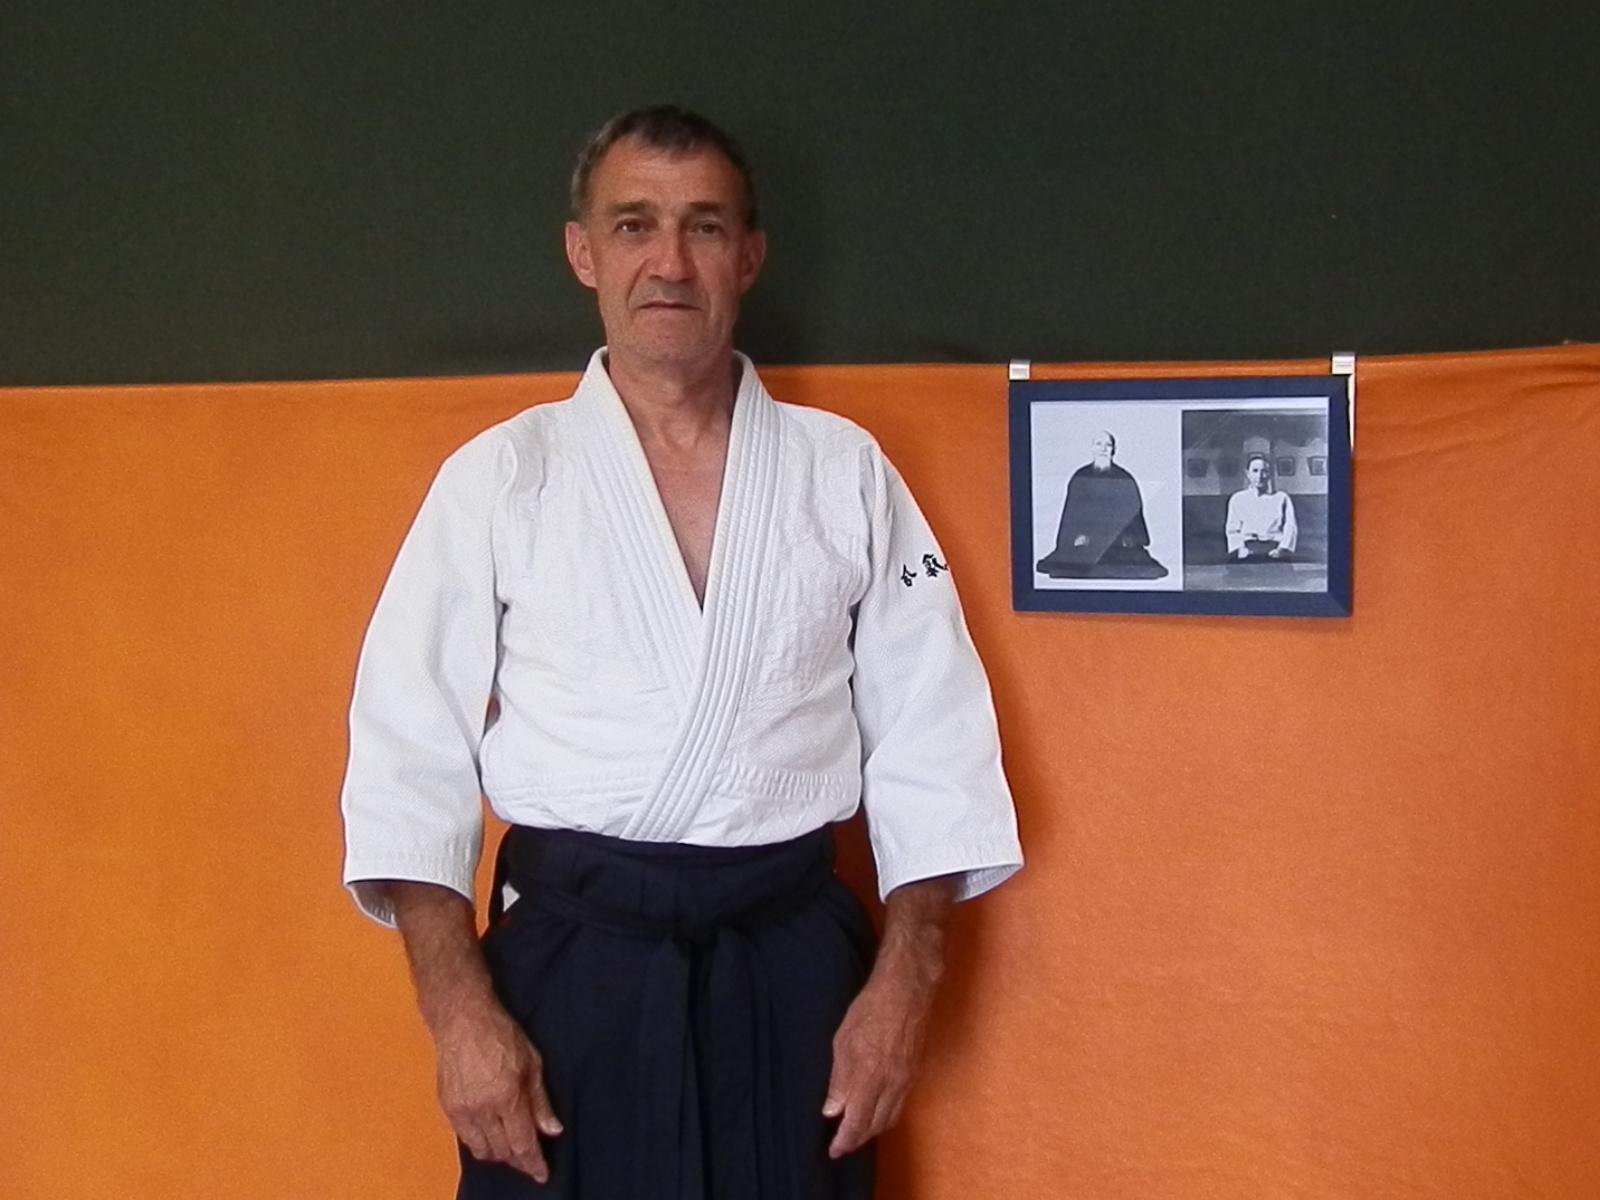 Xavier Laffranque